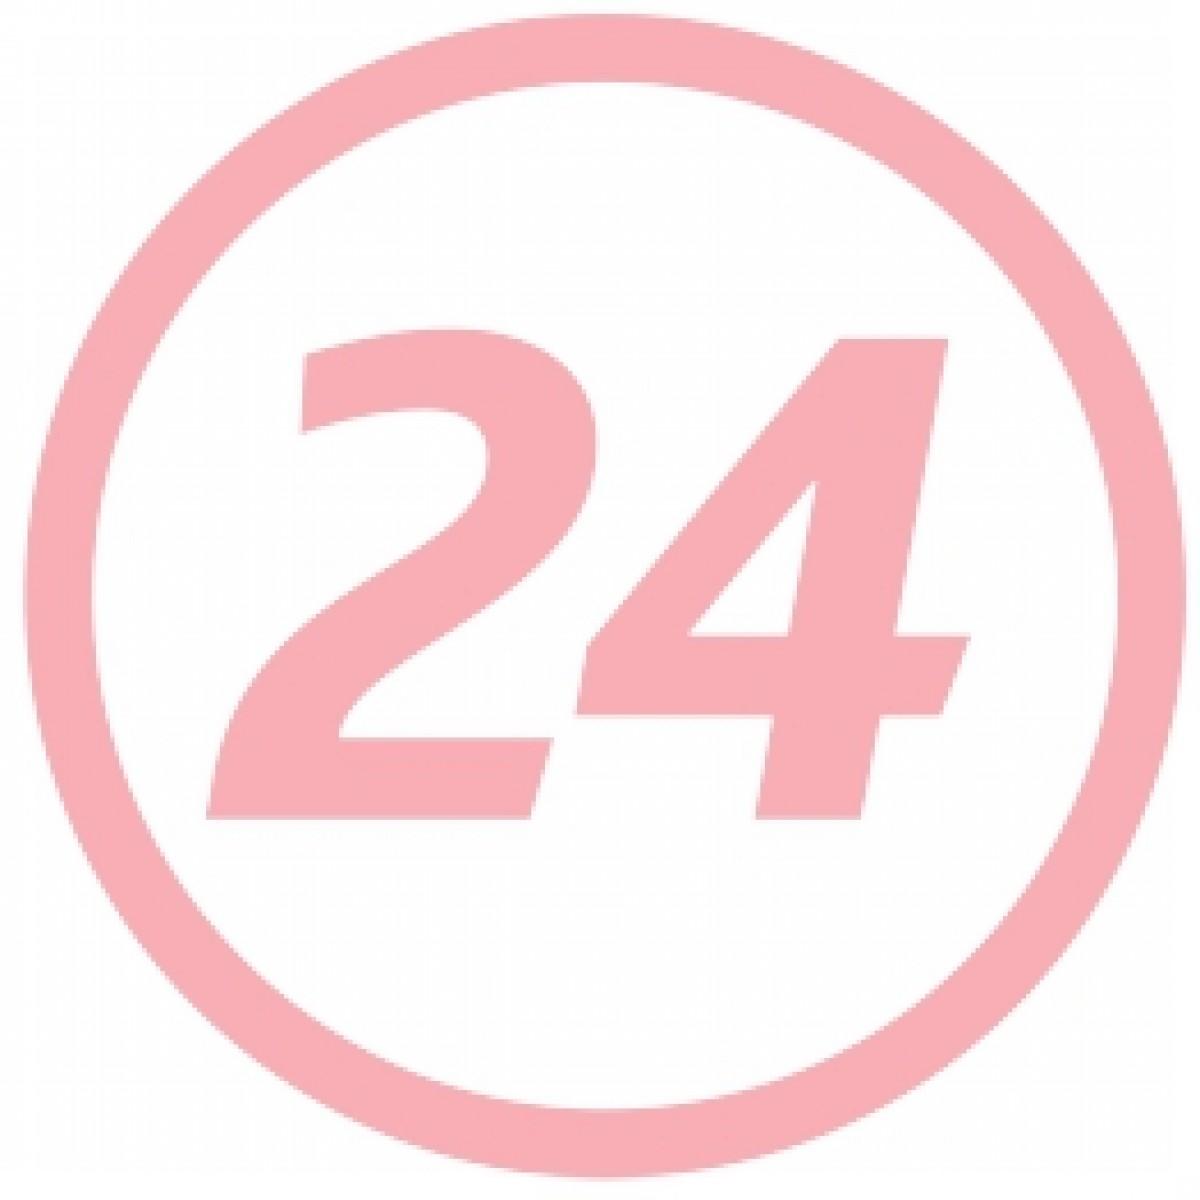 VICHY Homme Idealizer Crema Hidratanta Fata si Barba 3 zile +, Crema, 50ml